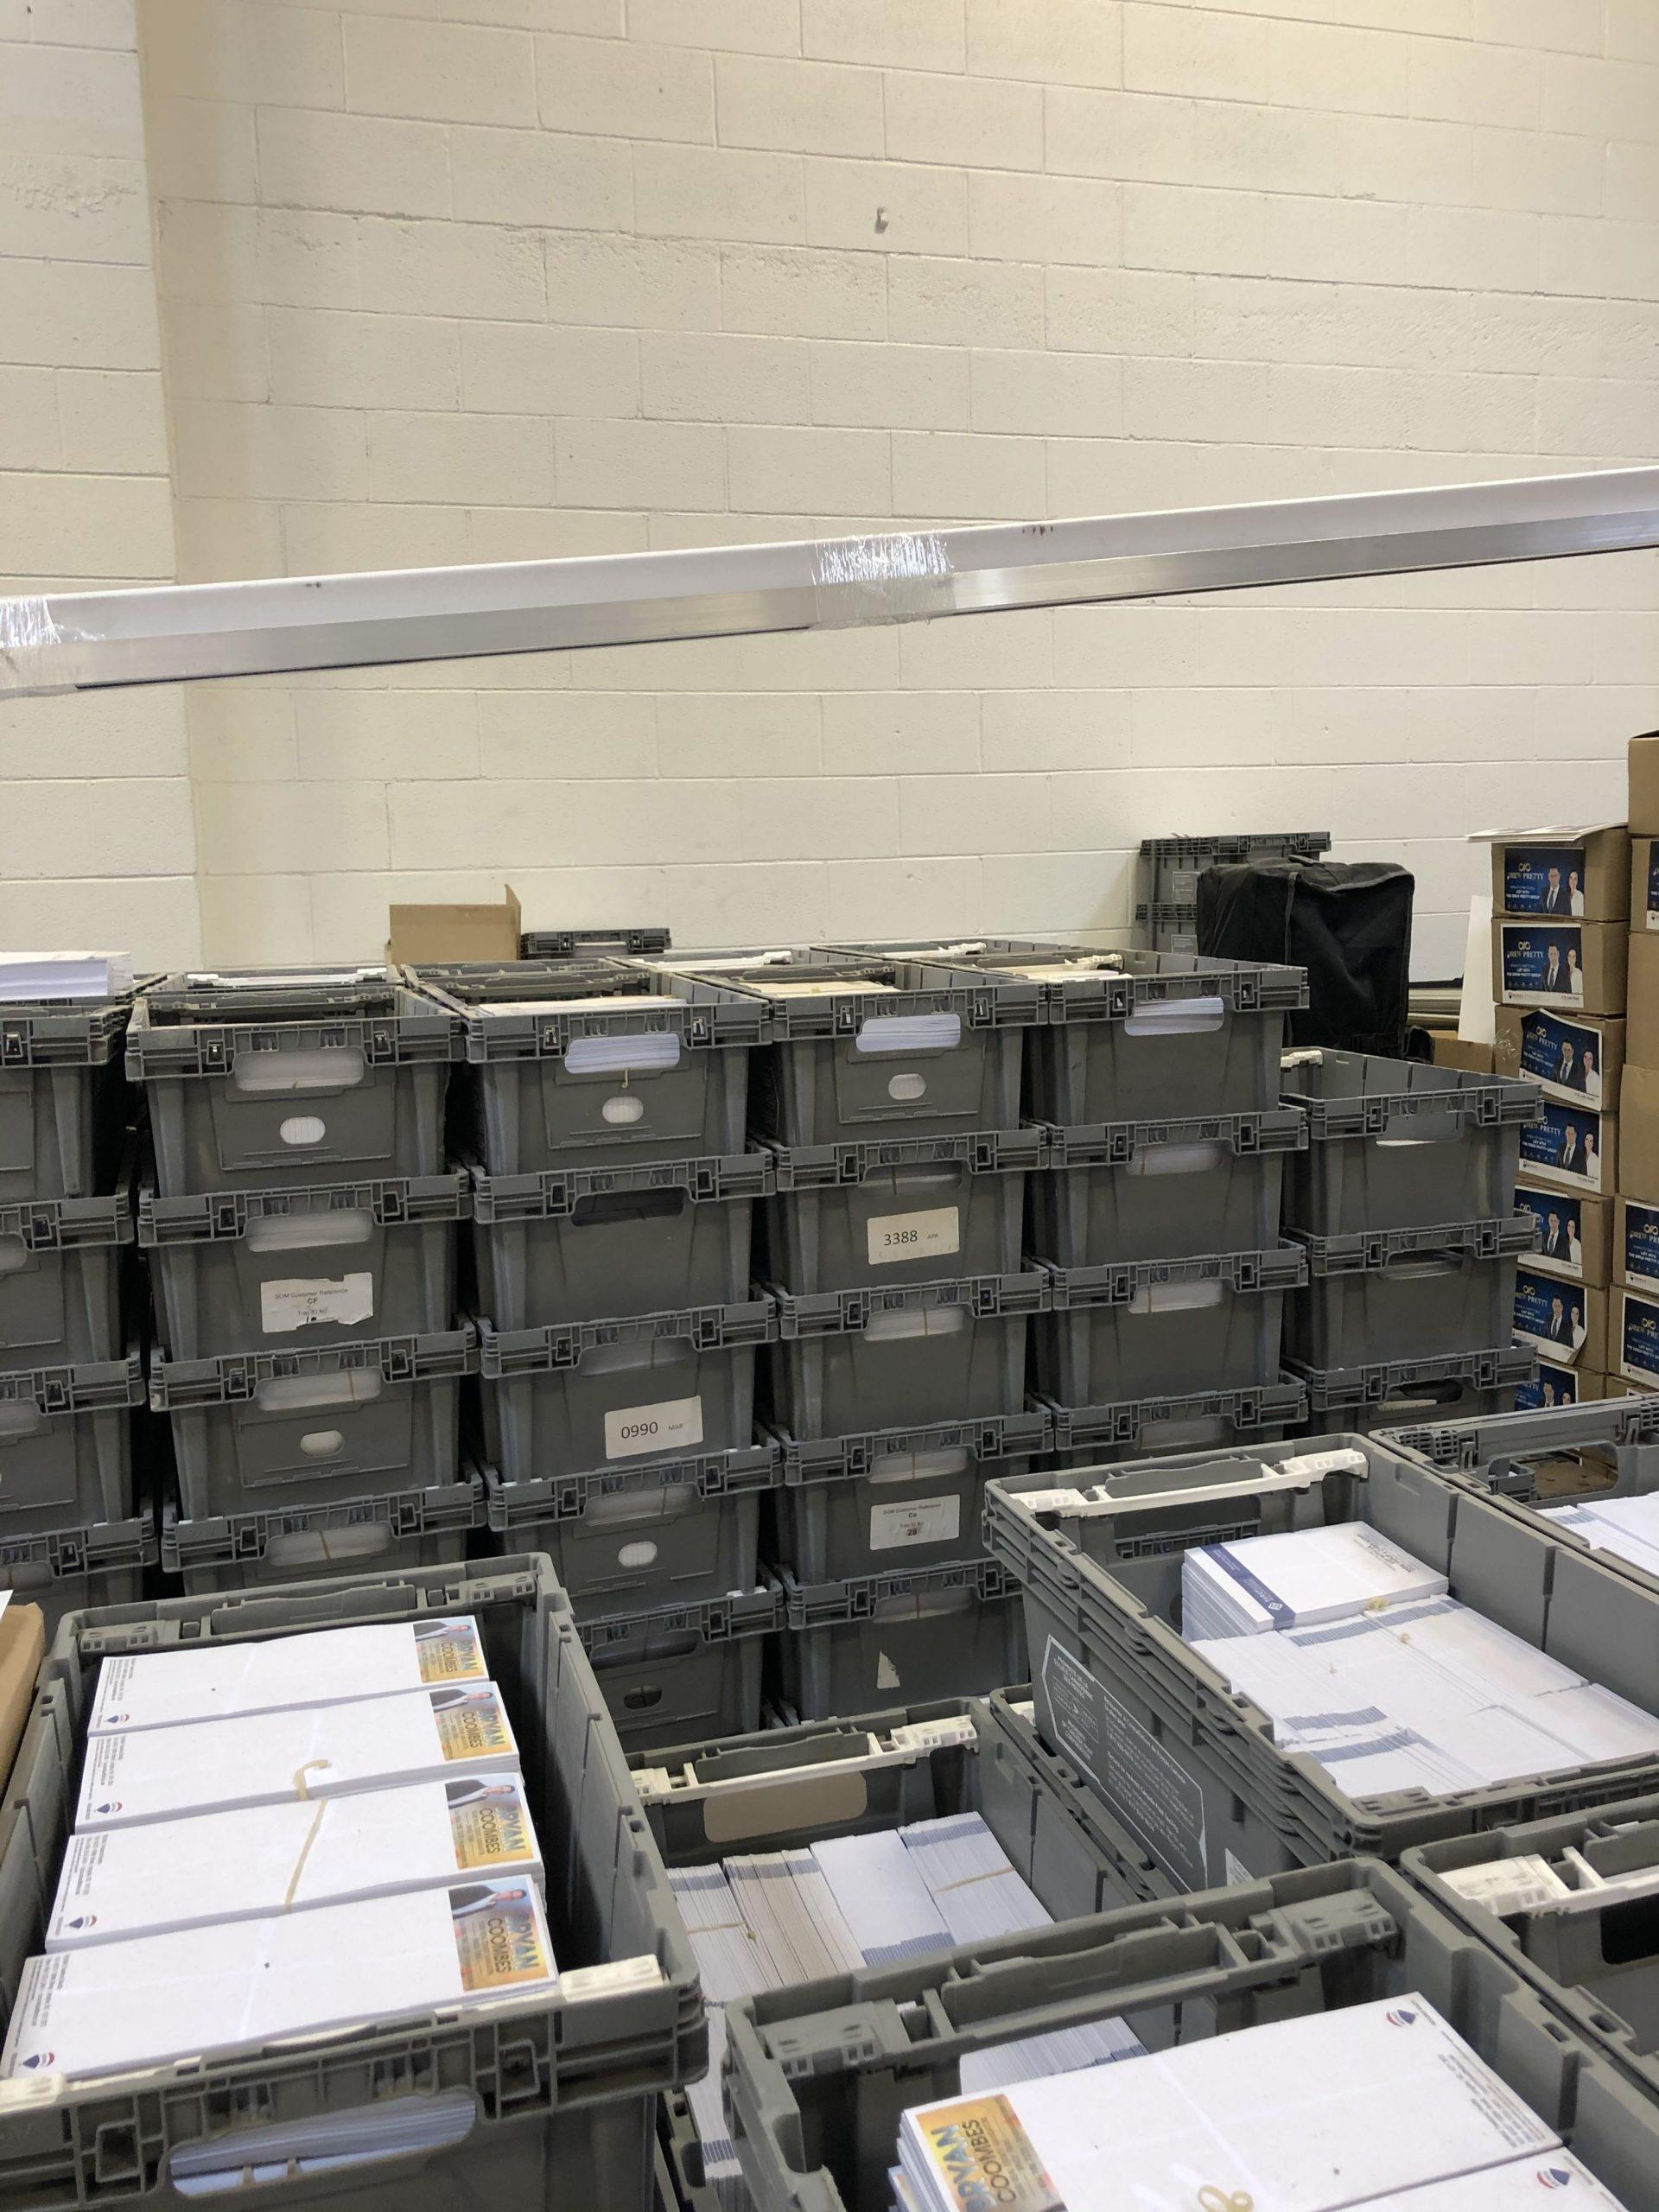 direct-mail-printer-langley-udp